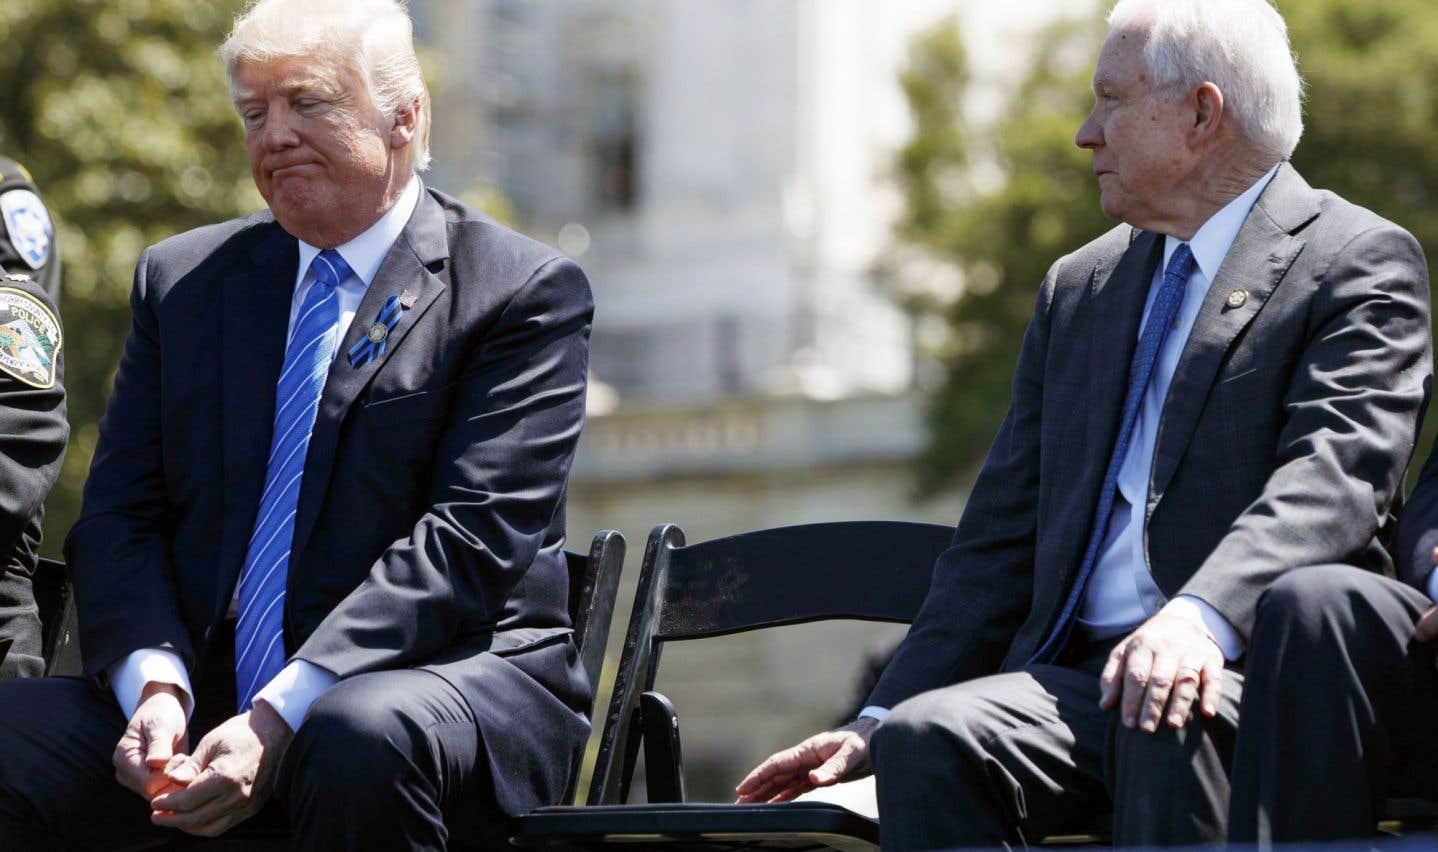 Le sort du ministre américain Jeff Sessions semble scellé